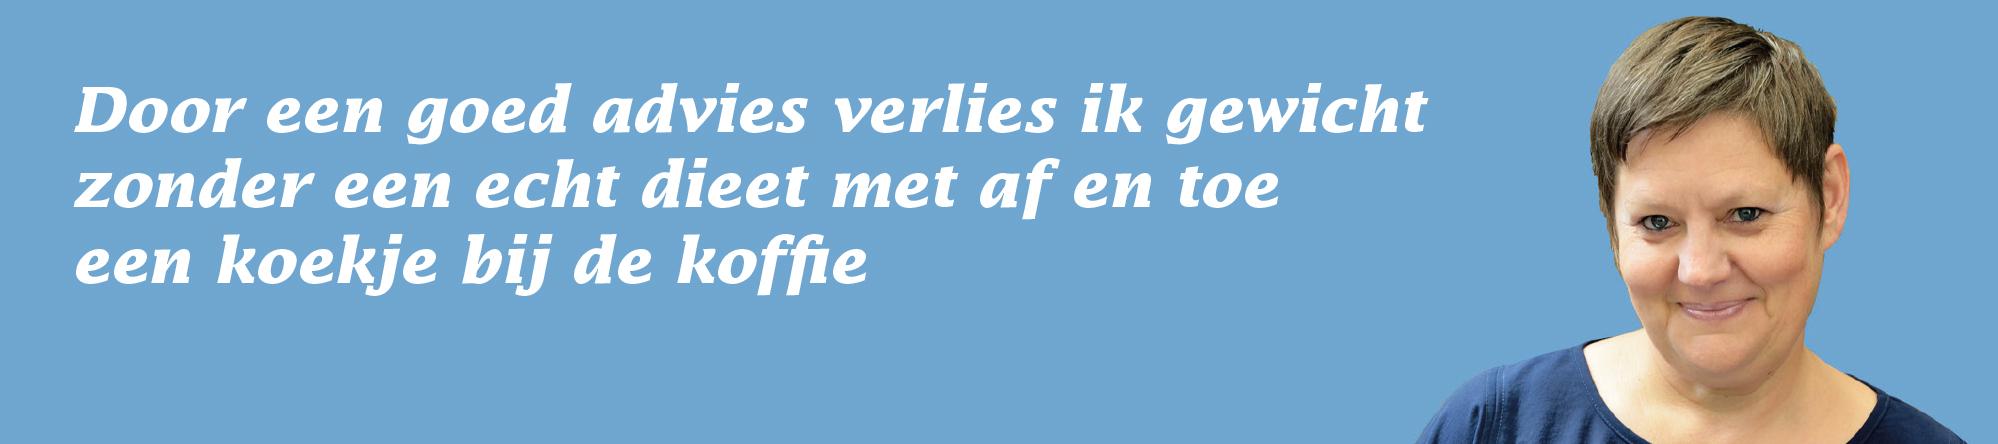 https://de-dietist.nl/wp-content/uploads/2016/09/de-dietist-quote-marisa.jpg